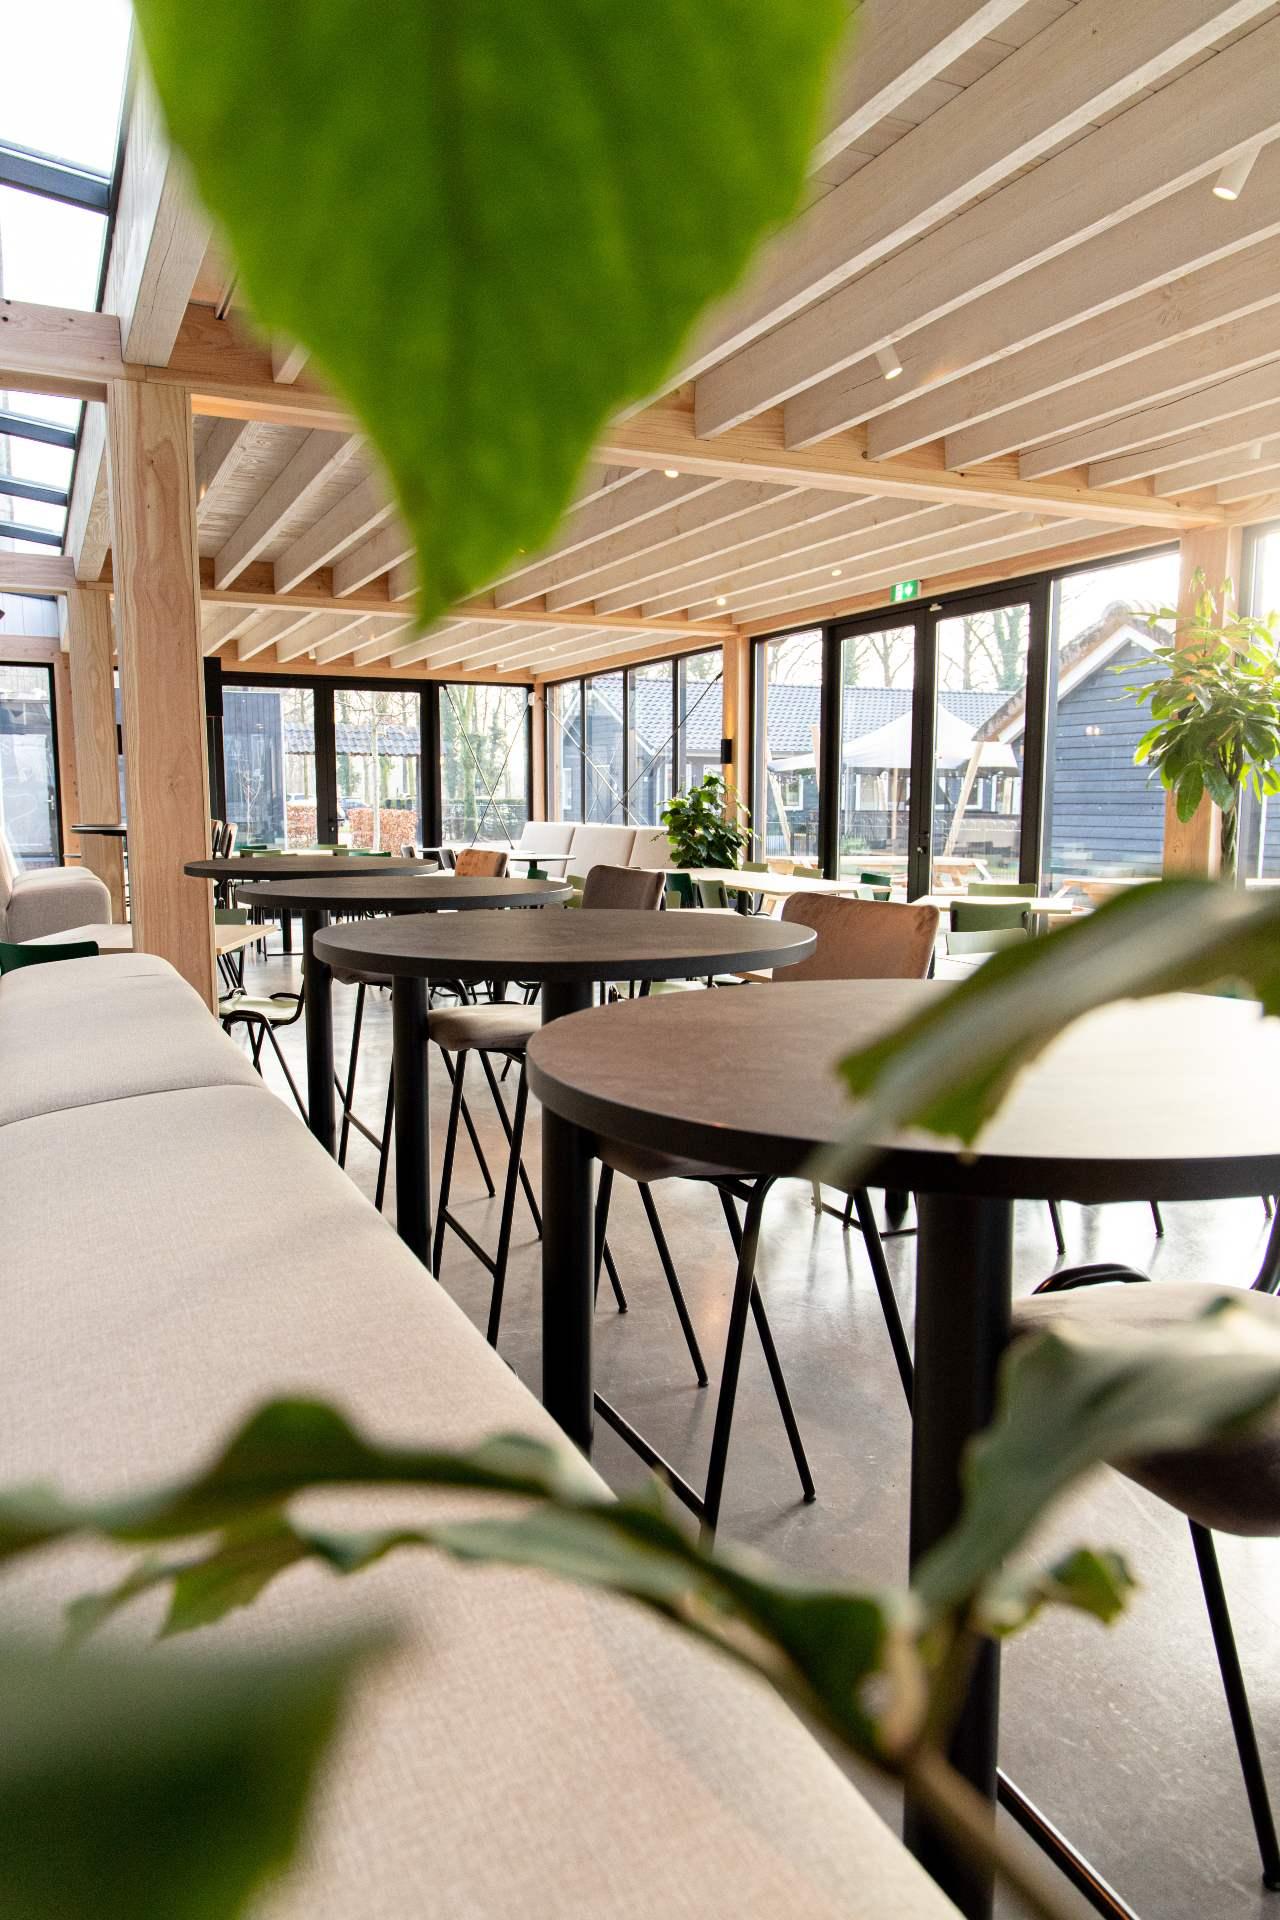 Pannenkoekenhuis schaffelaar restaurant inrichting Barneveld | Zevenbergen Kantoorefficiency B.V.